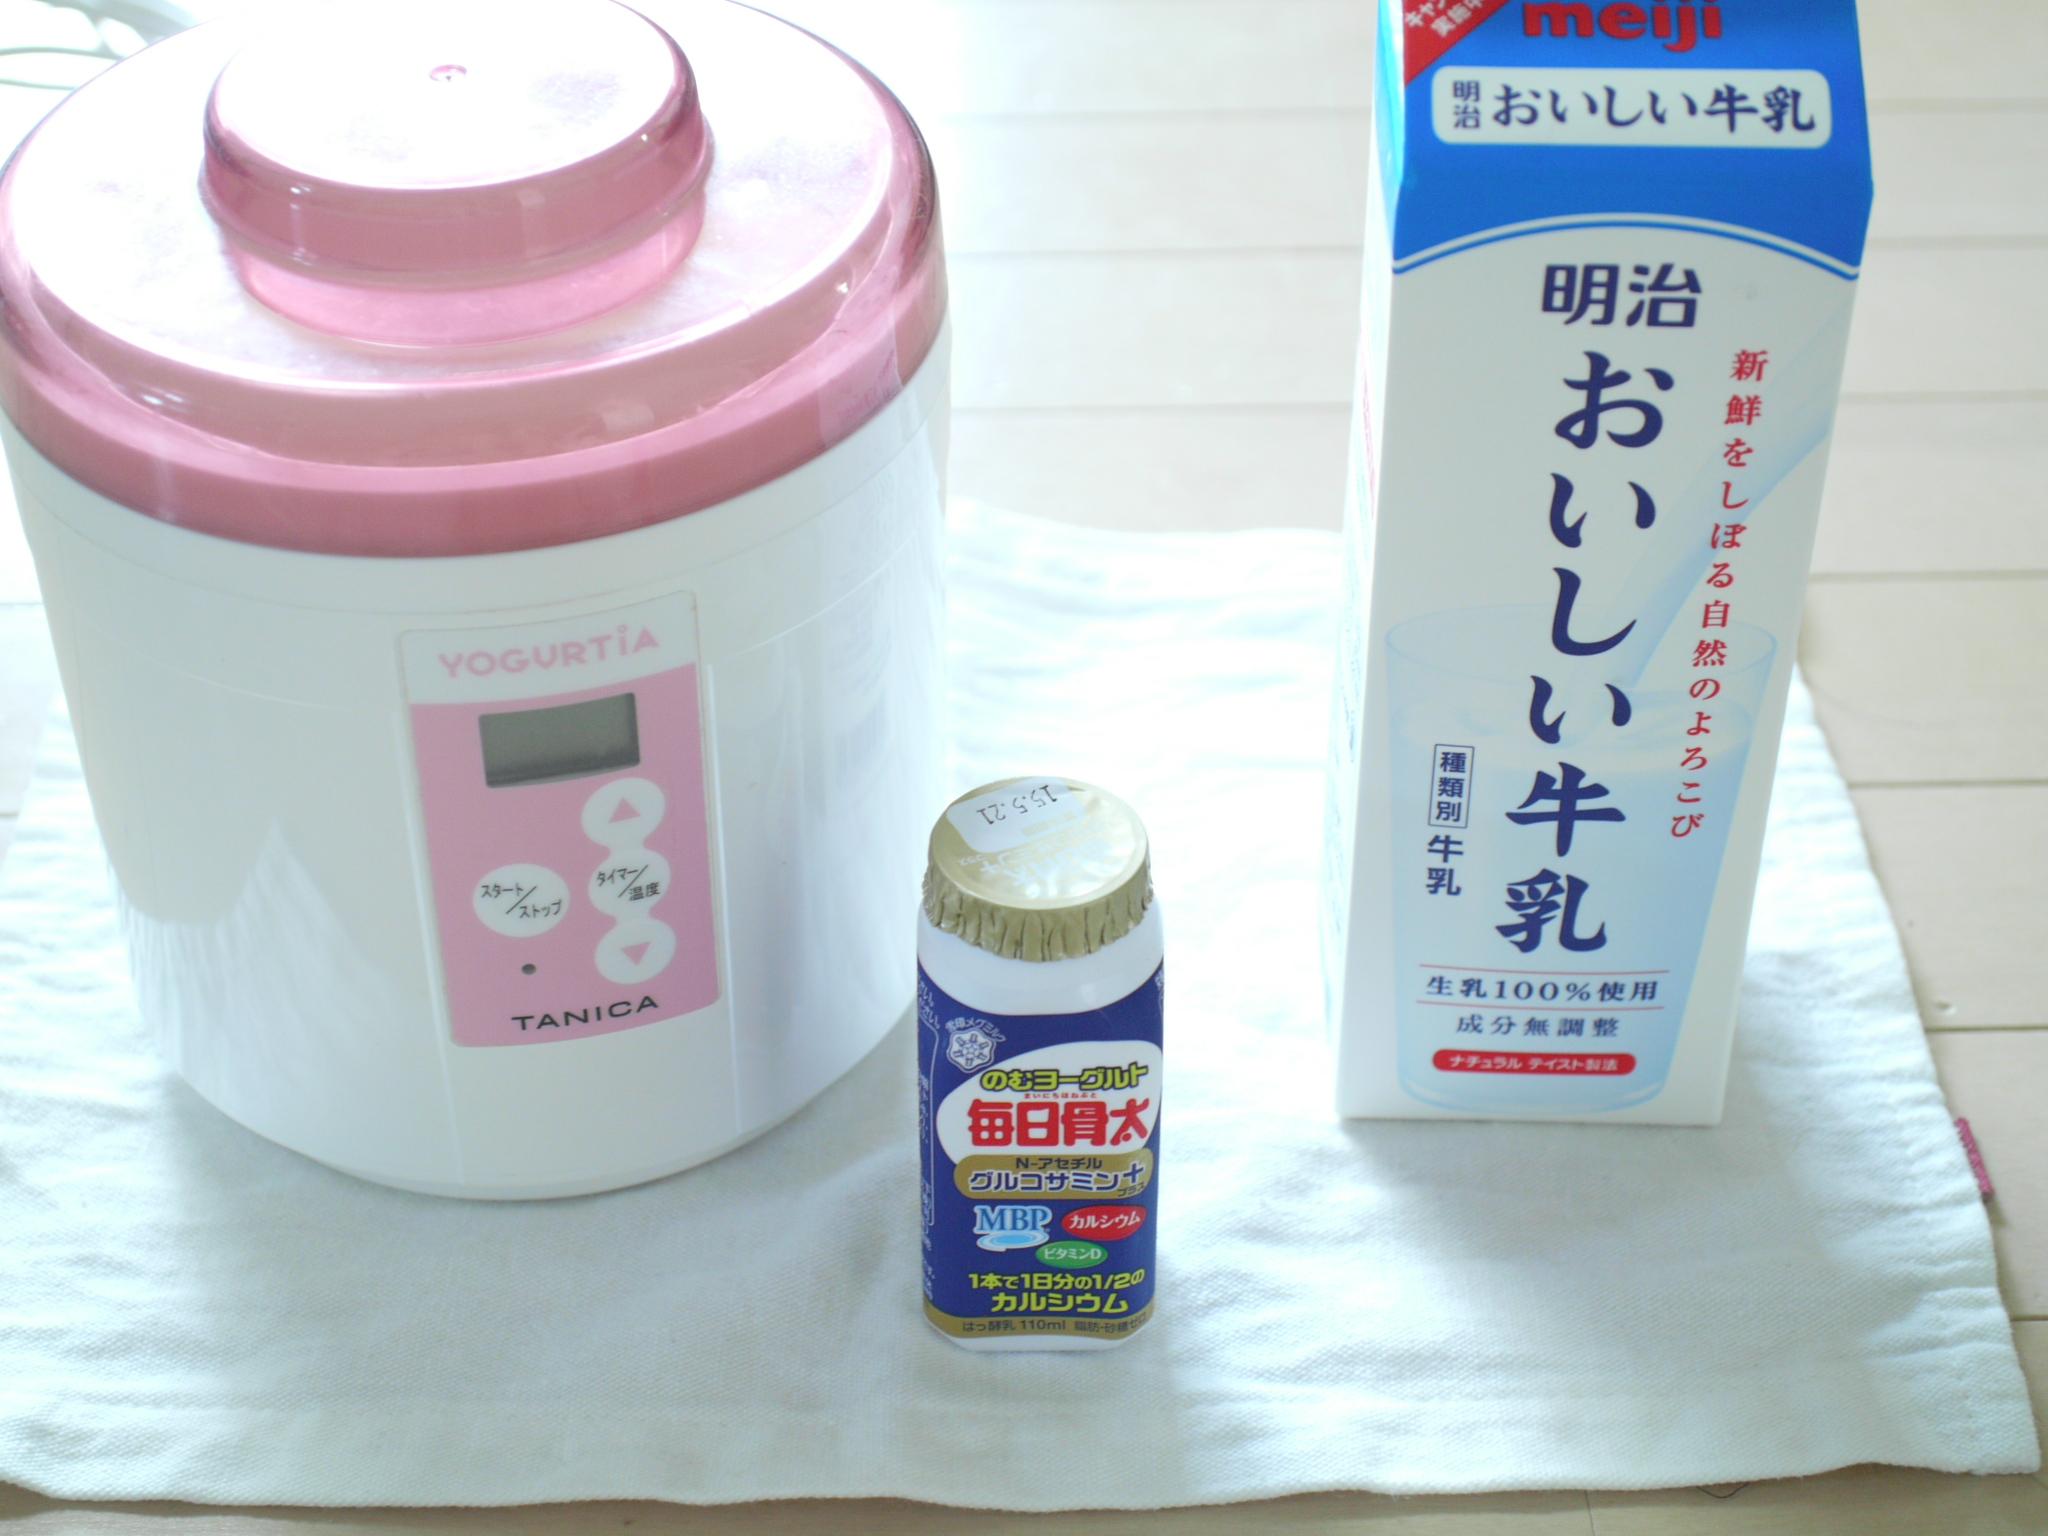 ヨーグルティア、おいしい牛乳、毎日骨太のむヨーグルト